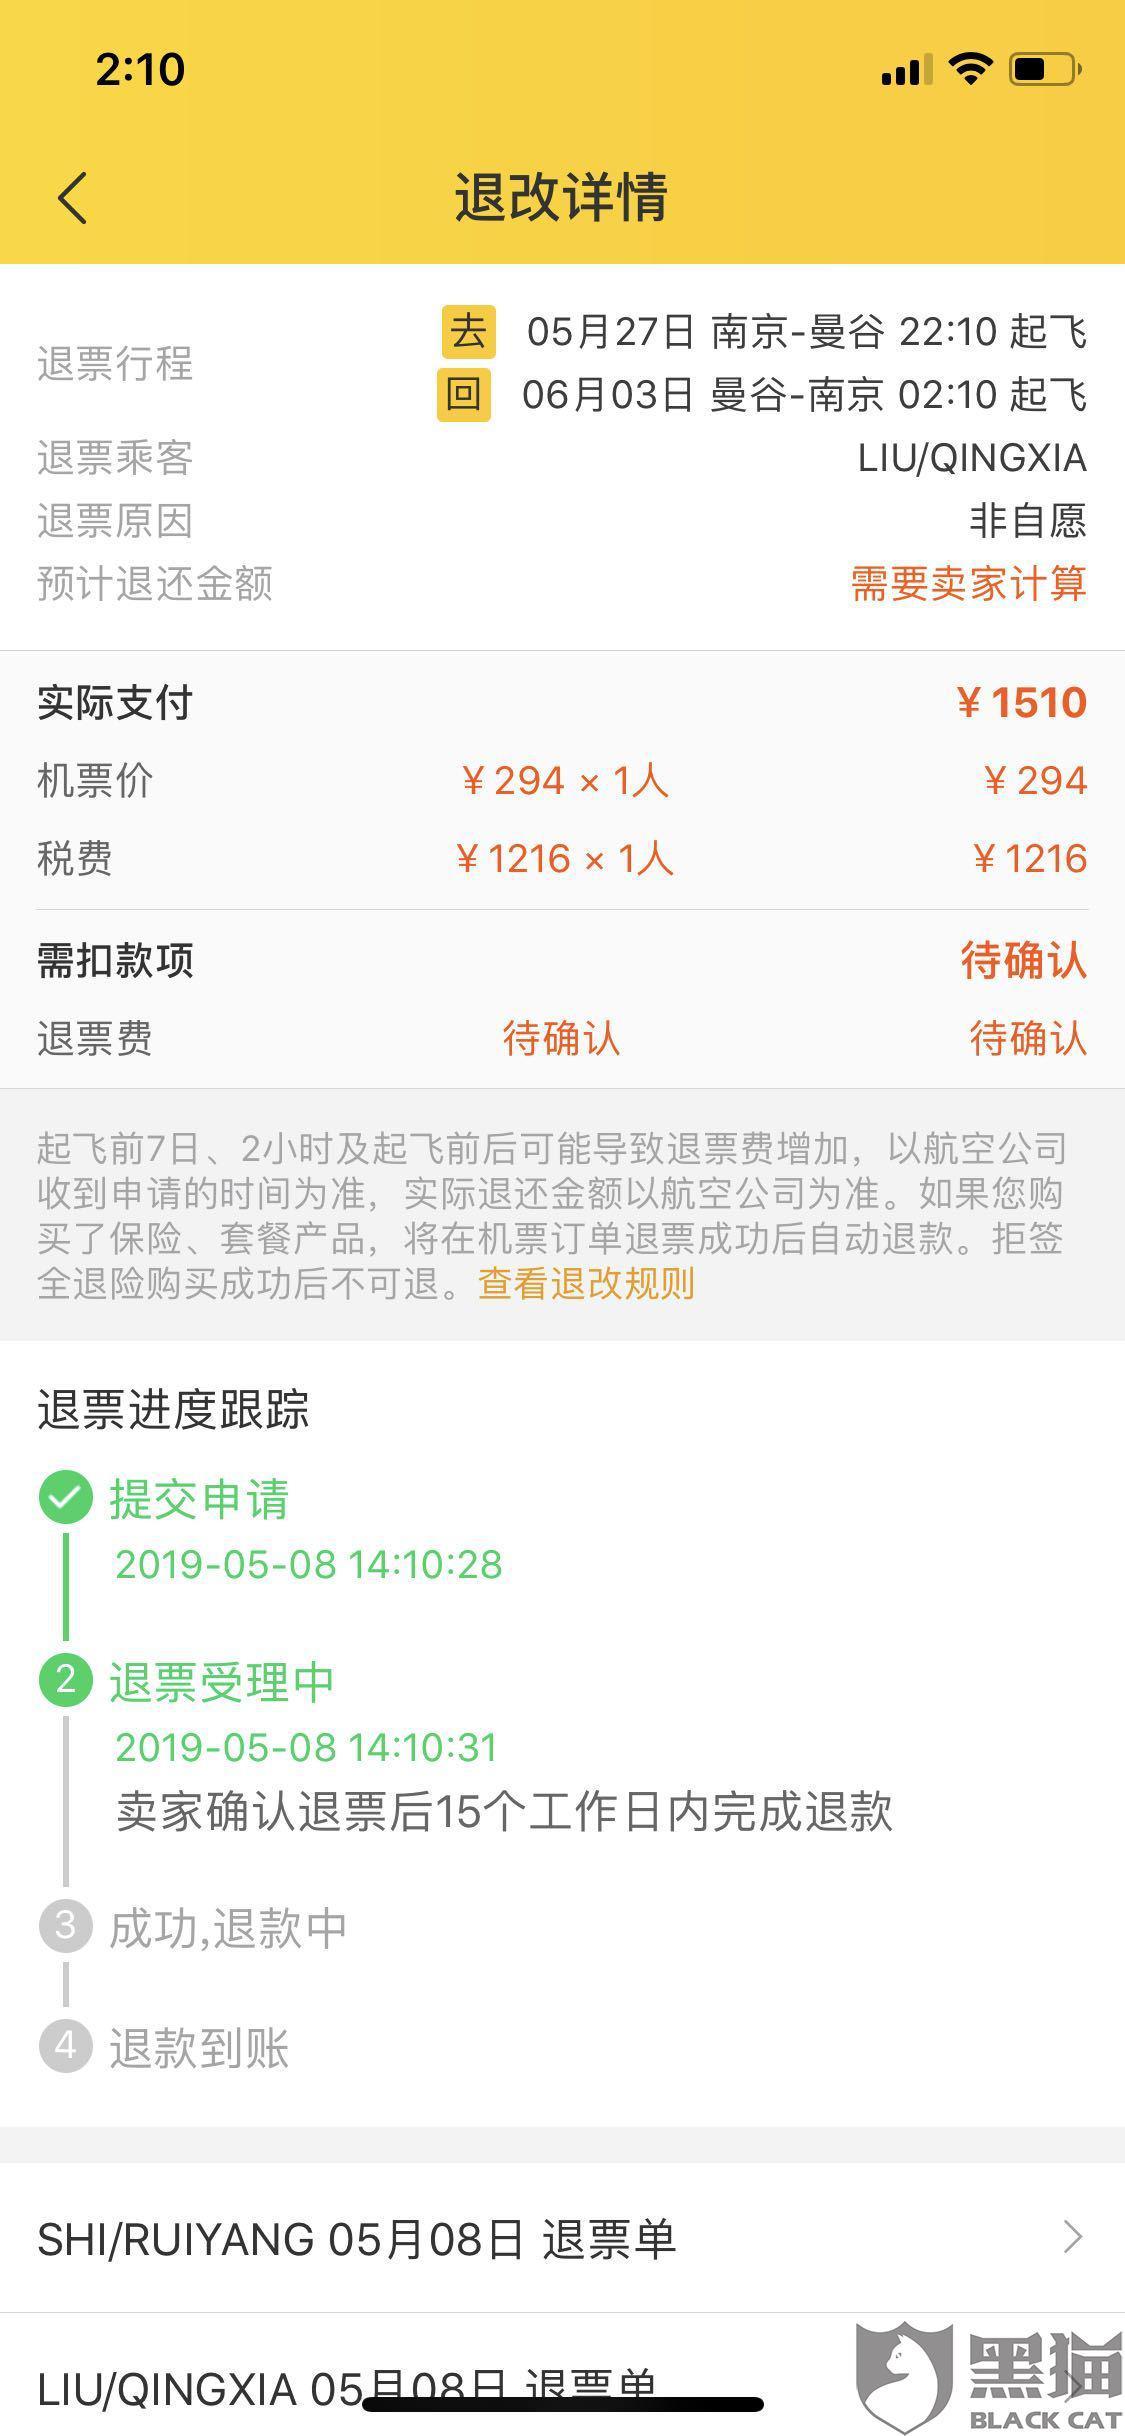 黑猫投诉:飞猪平台购买东航机票 因病不能登记申请病退各种拖沓不同意